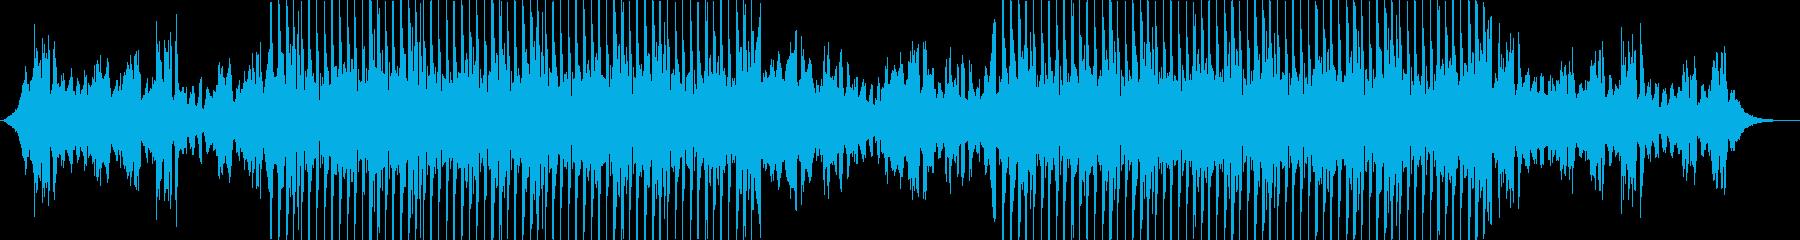 わくわく楽しいYouTubeエンディングの再生済みの波形